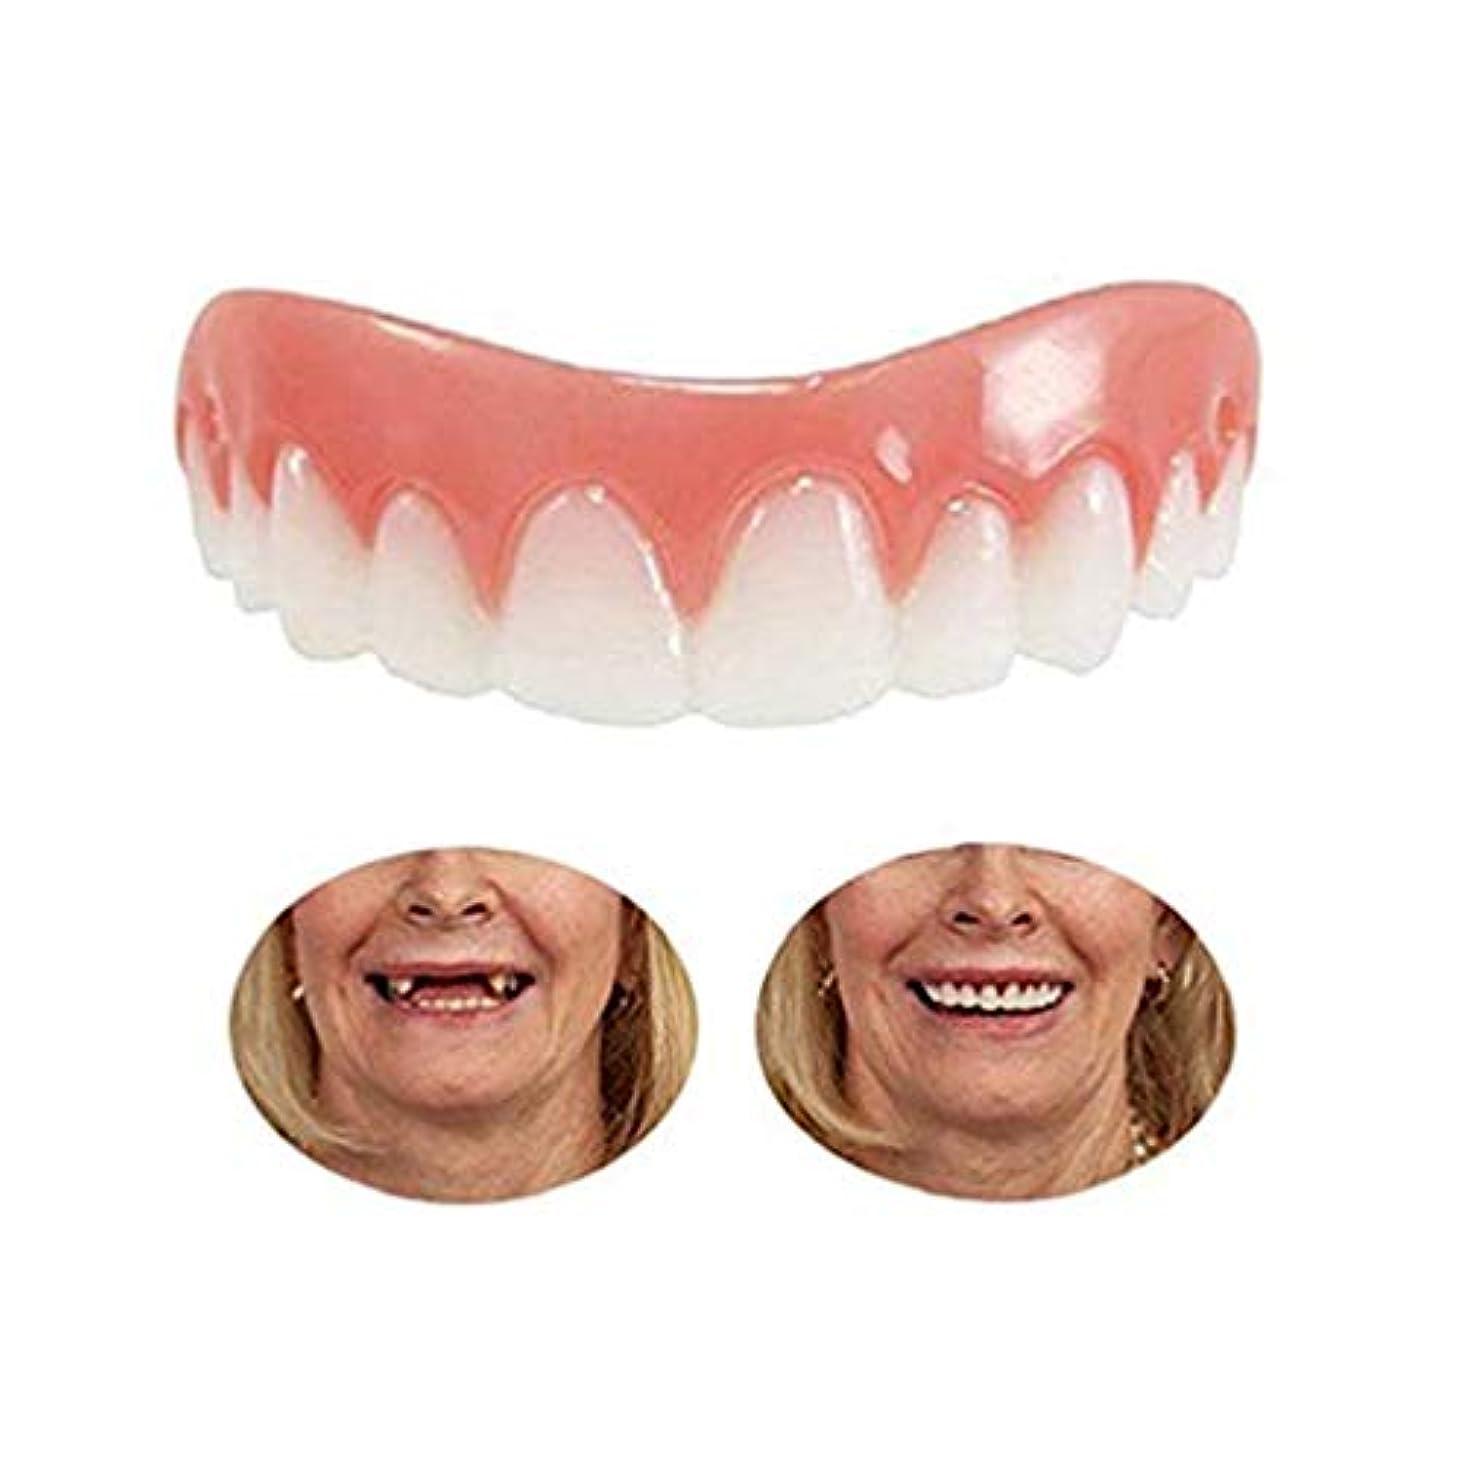 悲しいことに爆発するコマース化粧品歯科ベニヤパーフェクトスマイルインスタントスマイル歯科快適なトップベニア化粧品を白くする2個の 一時的な義歯義歯